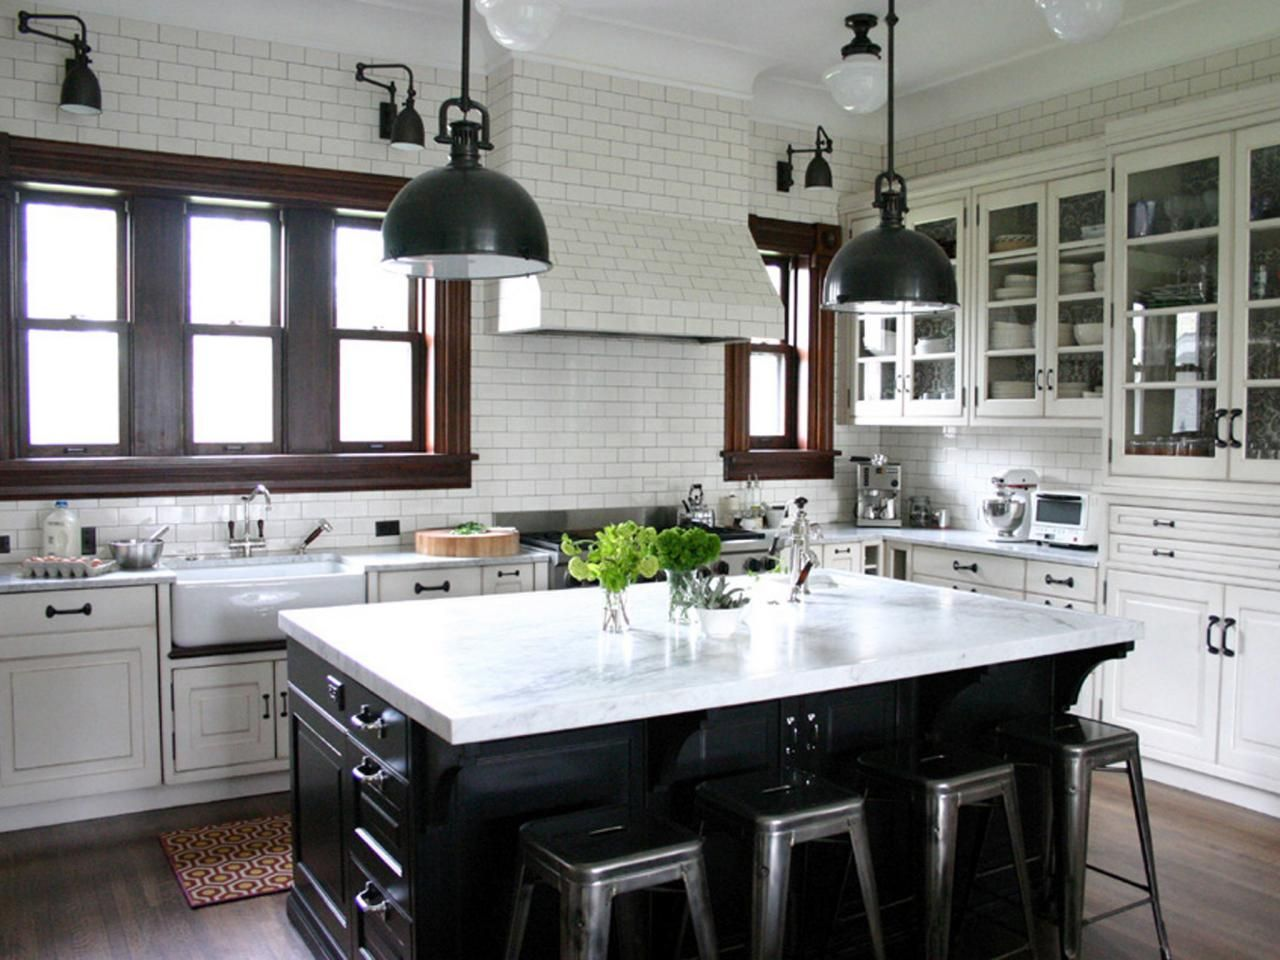 Kitchen Window Treatments Ideas Hgtv Pictures Tips Kitchen Style Kitchen Cabinet Design Kitchen Island Design